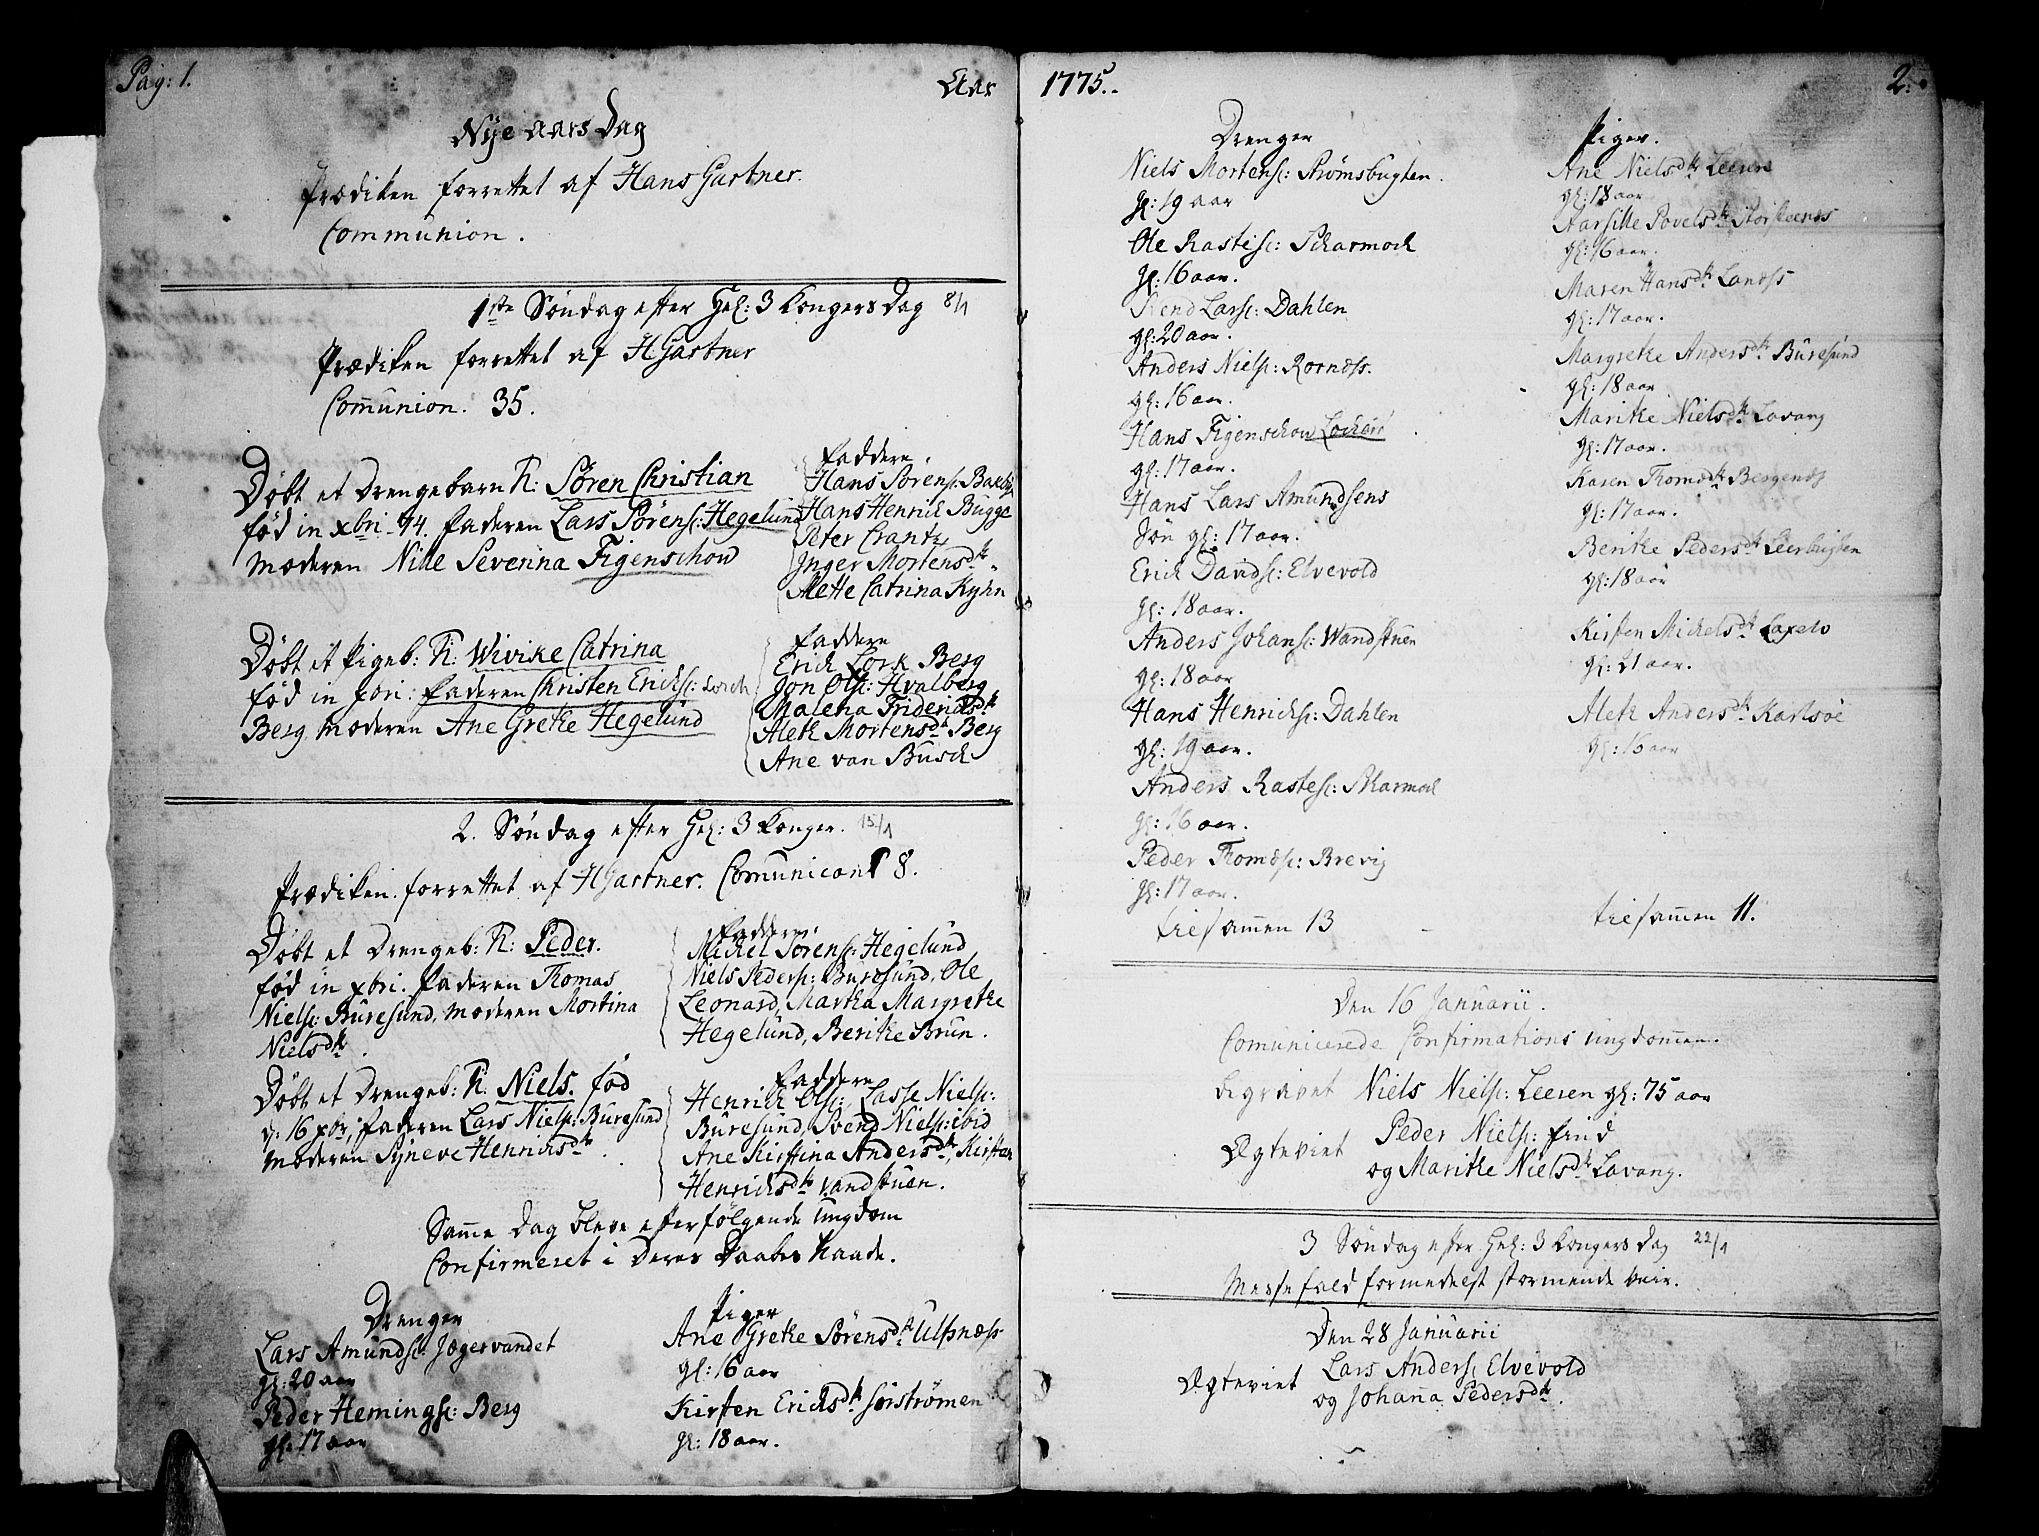 SATØ, Karlsøy sokneprestembete, Ministerialbok nr. 1, 1775-1823, s. 1-2